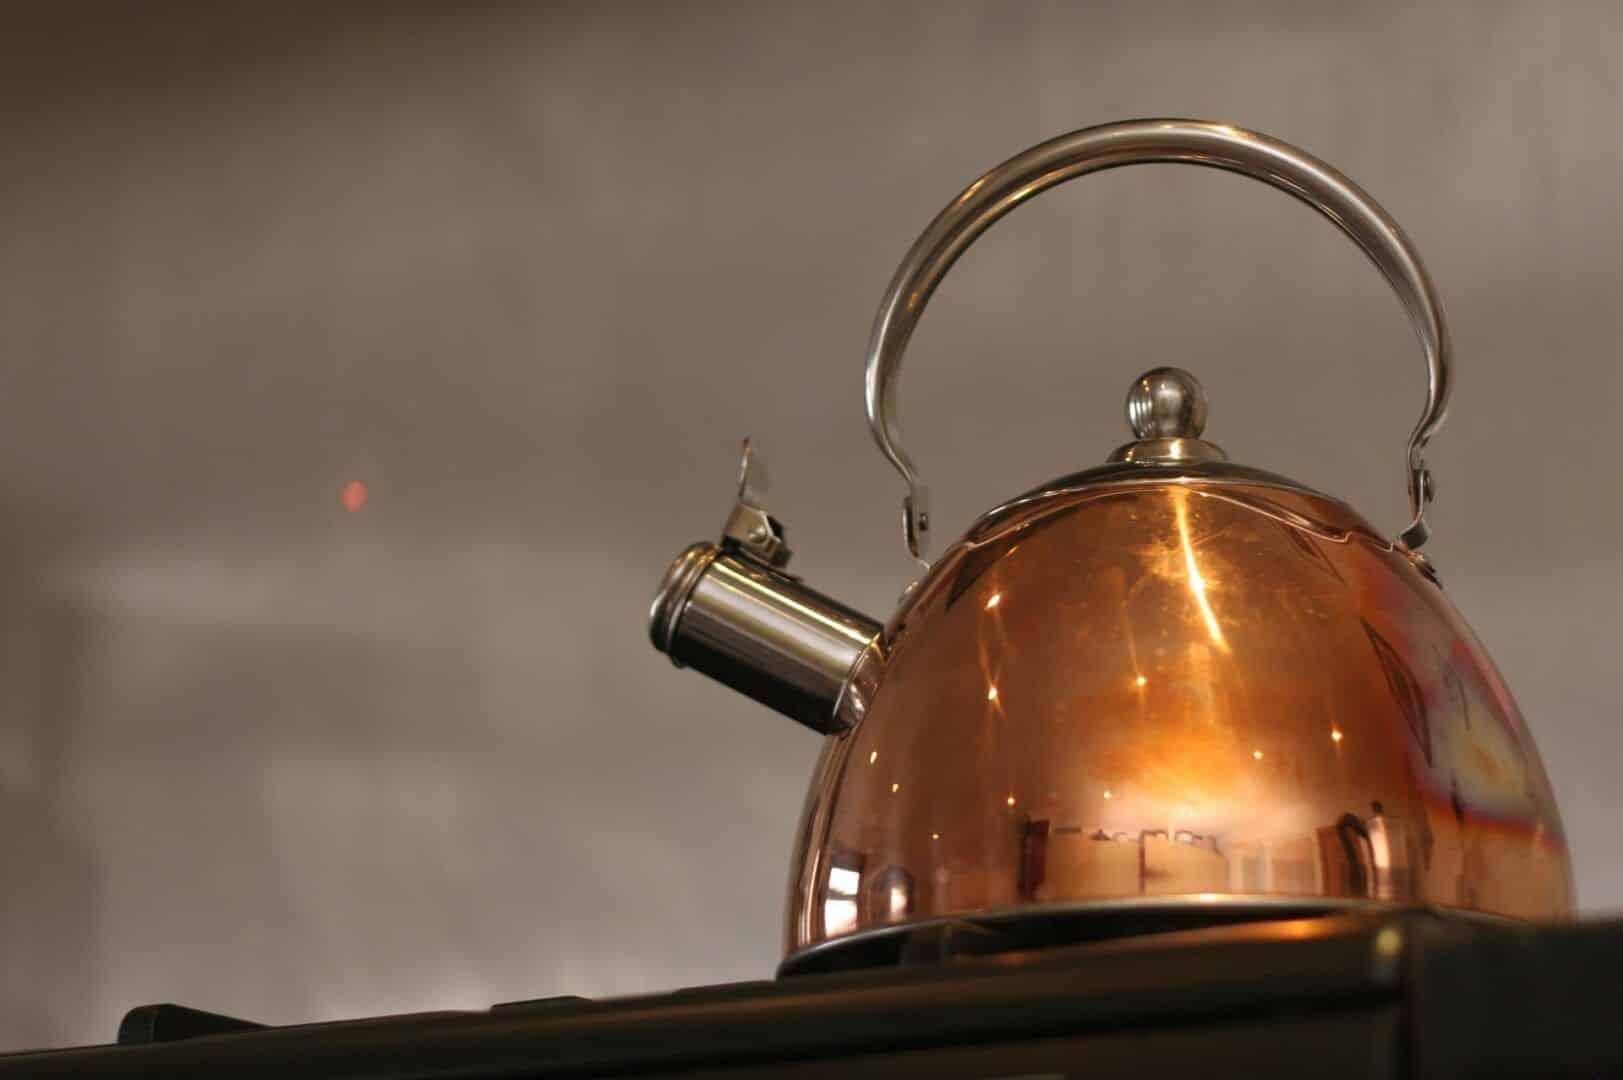 Fotografia de água fervendo num bule para ilustração do item